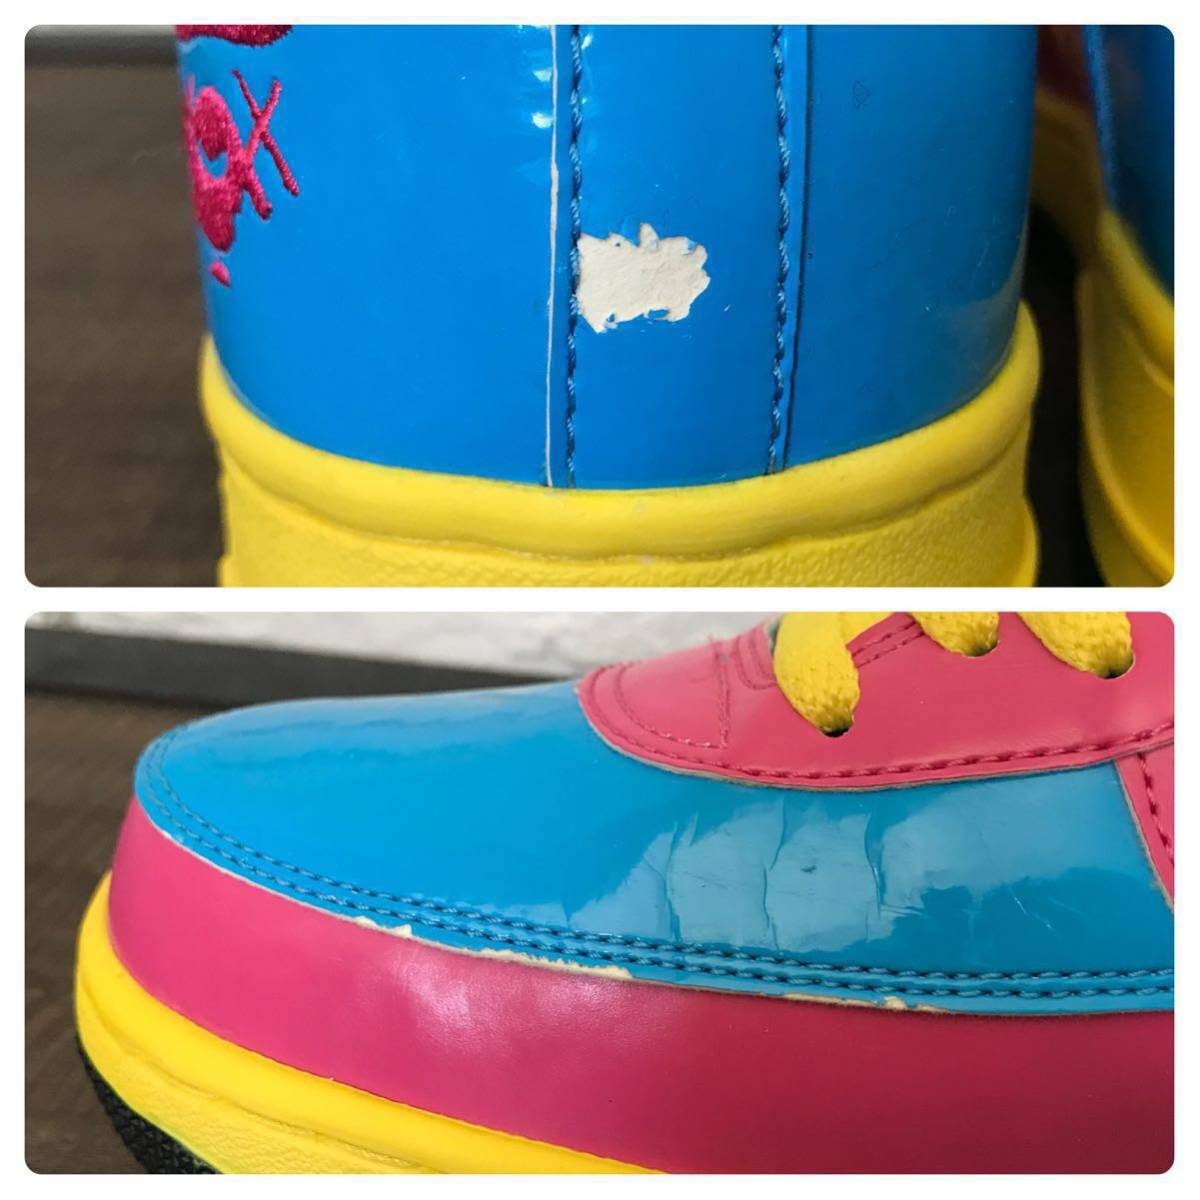 ★激レア★ KAWS BAPESTA 29cm US11 a bathing ape BAPE STA shoes sneakers カウズ エイプ ベイプ ベイプスタ スニーカー nigo